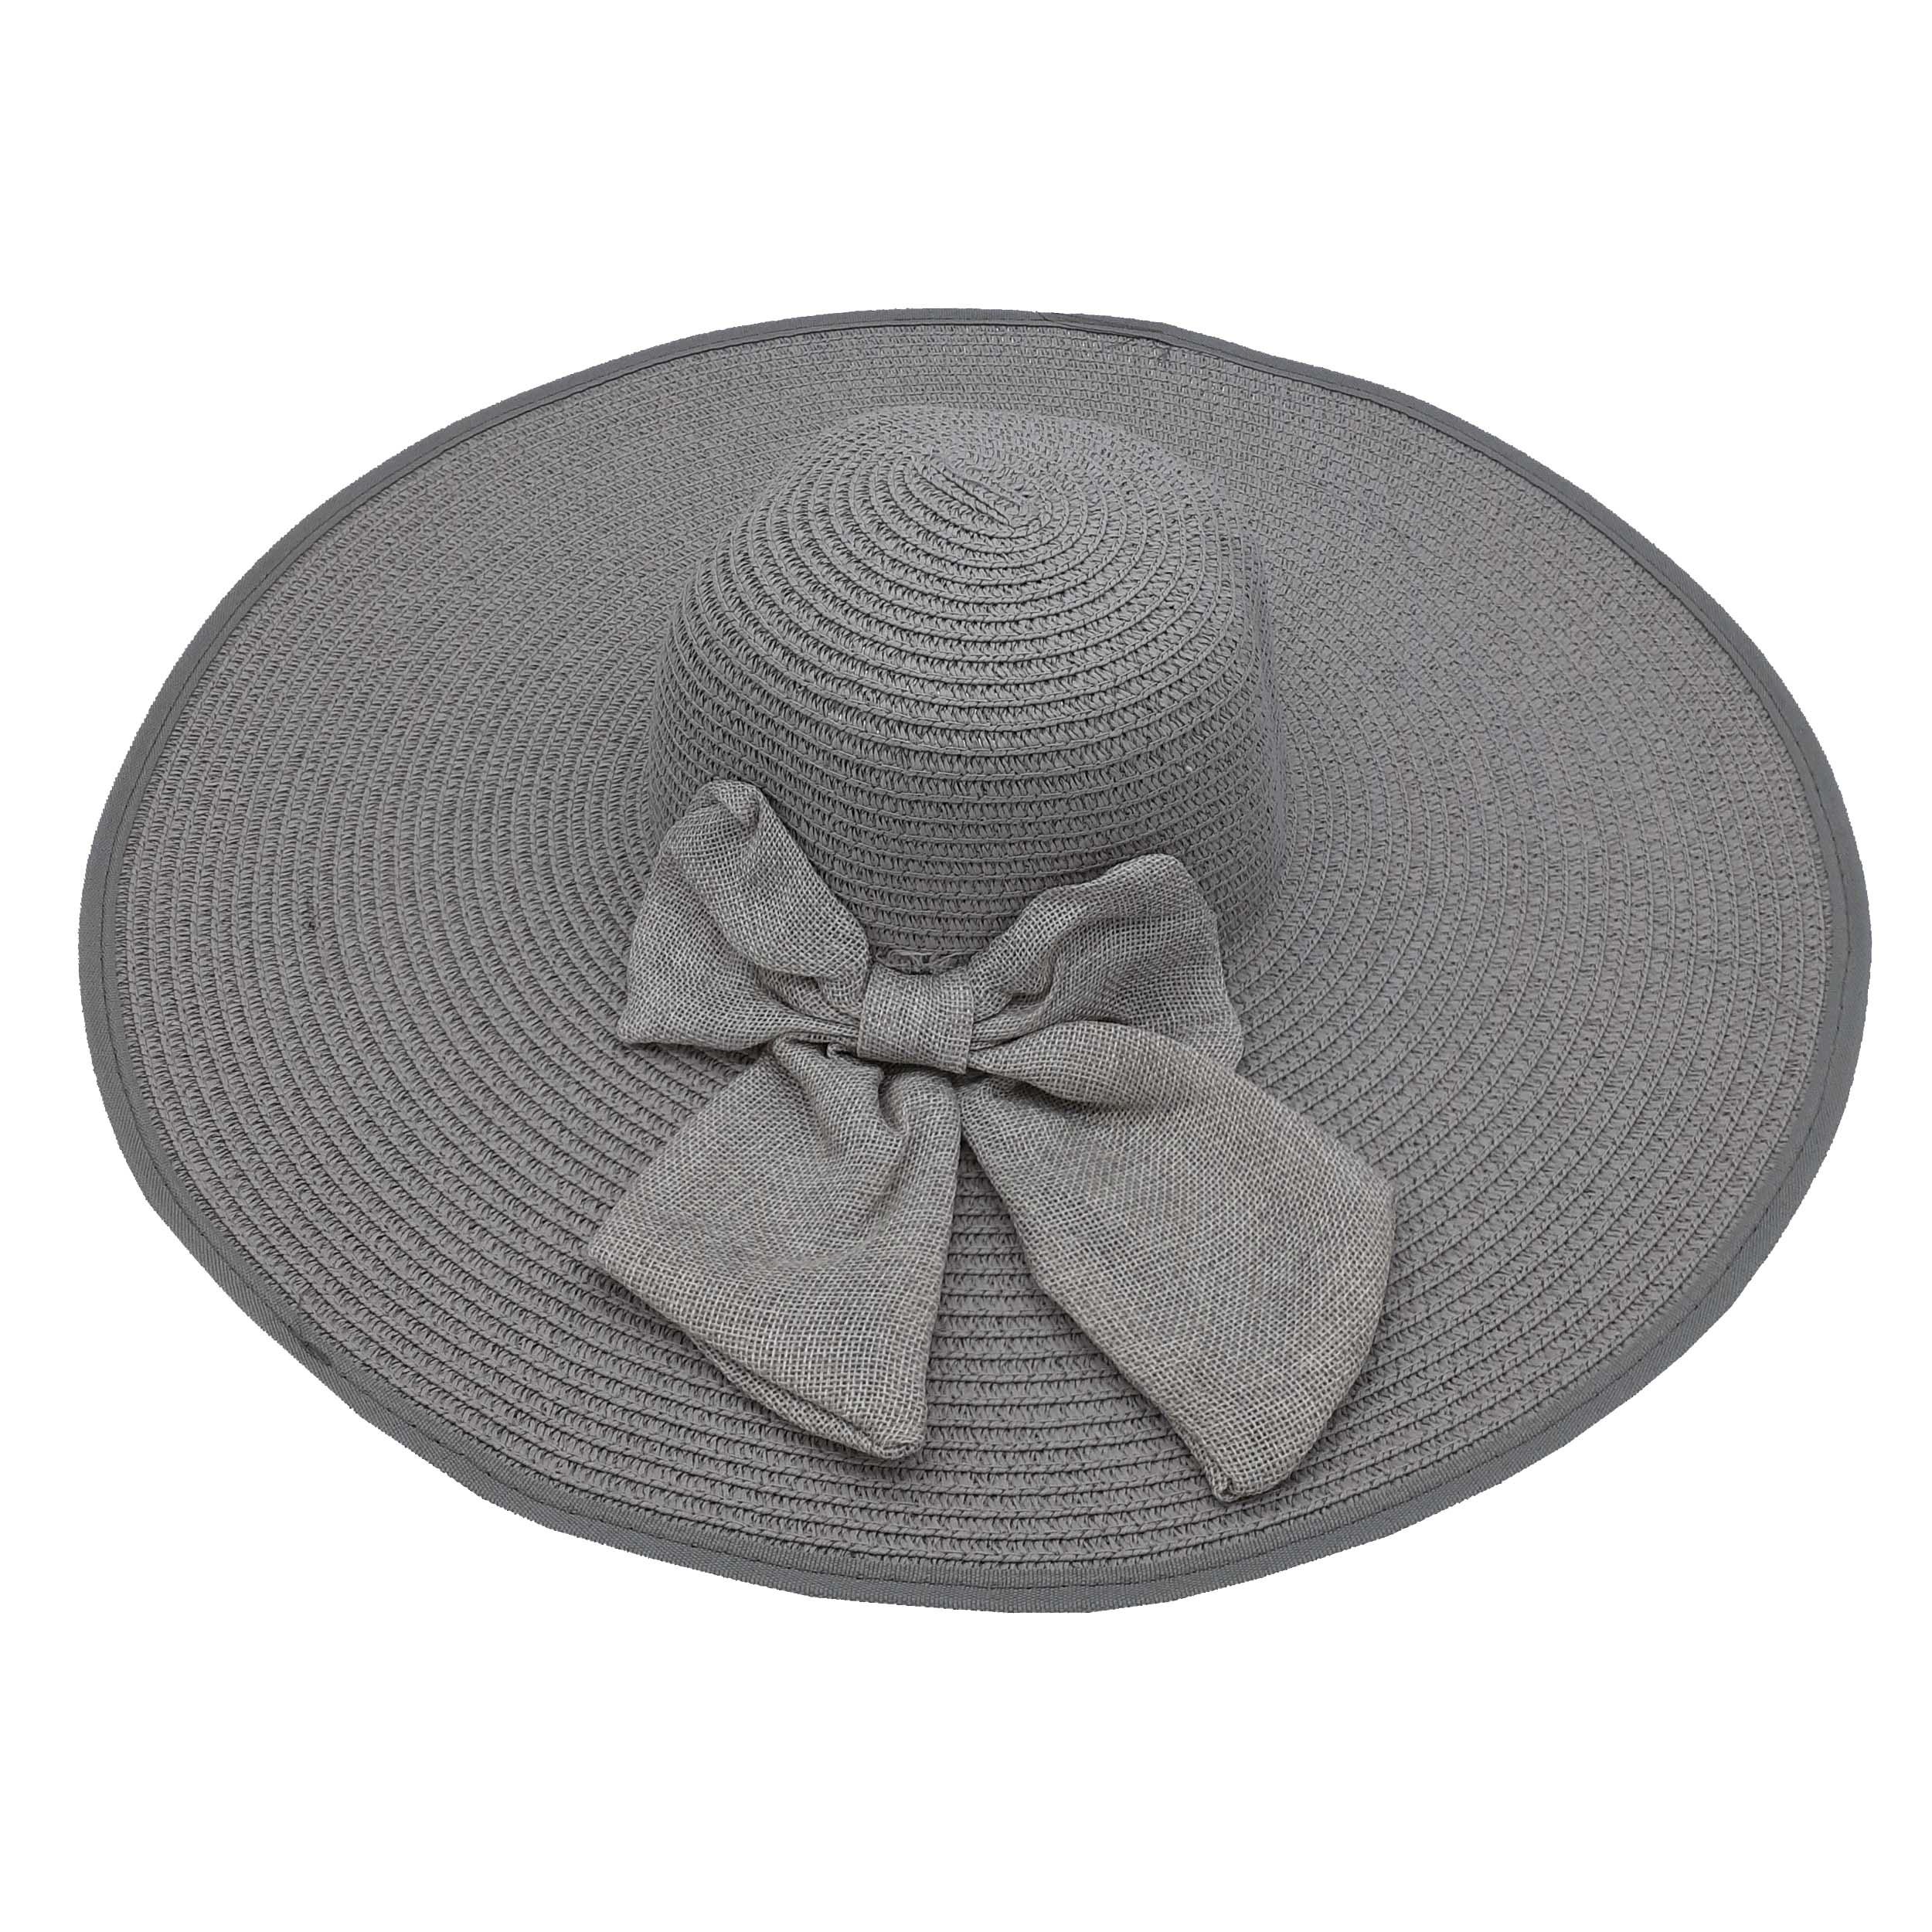 کلاه زنانه کد 1668 a